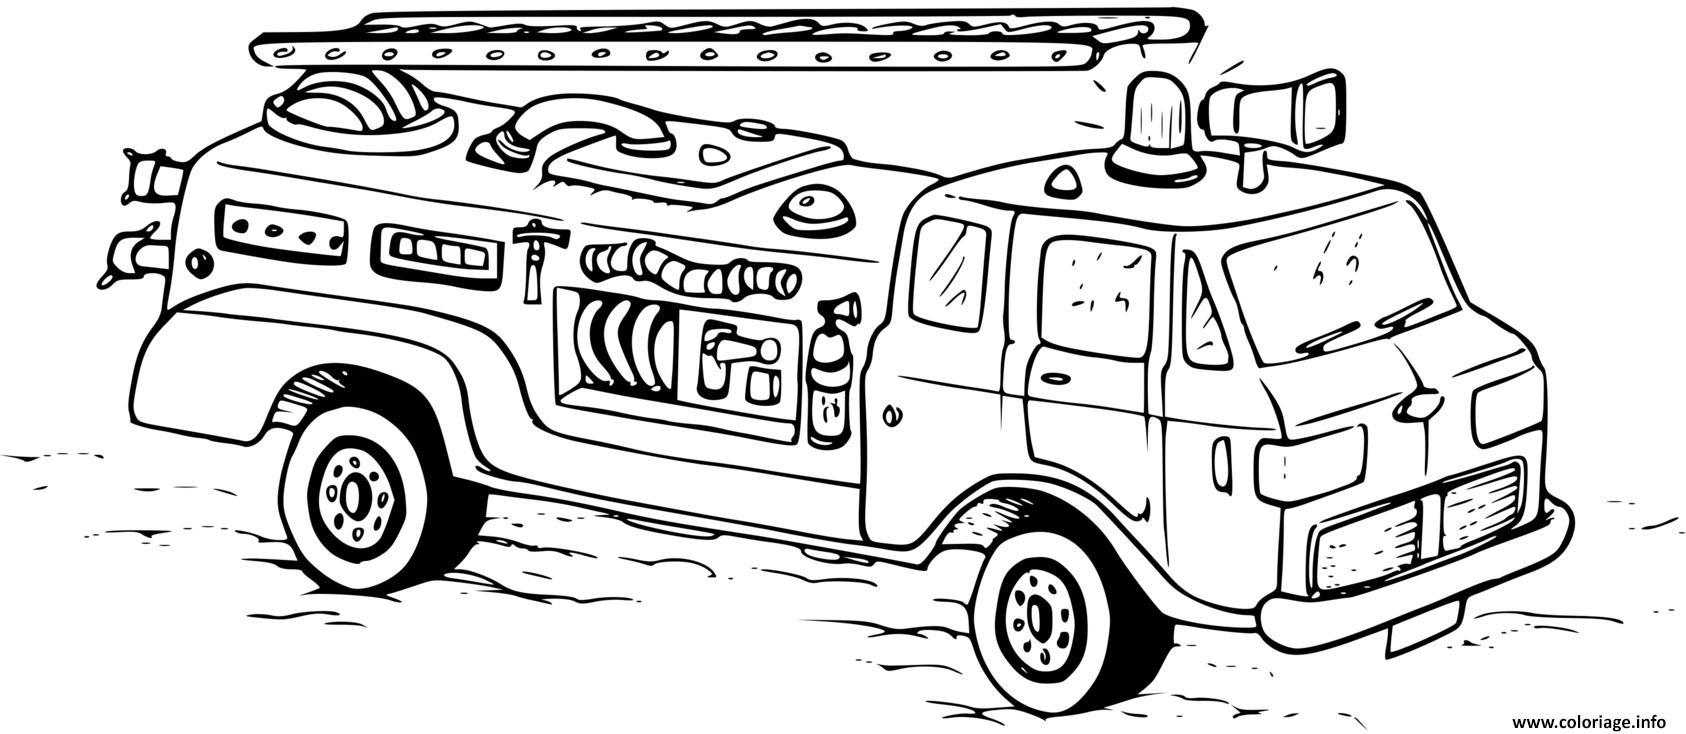 Dessin camion pompiers Coloriage Gratuit à Imprimer